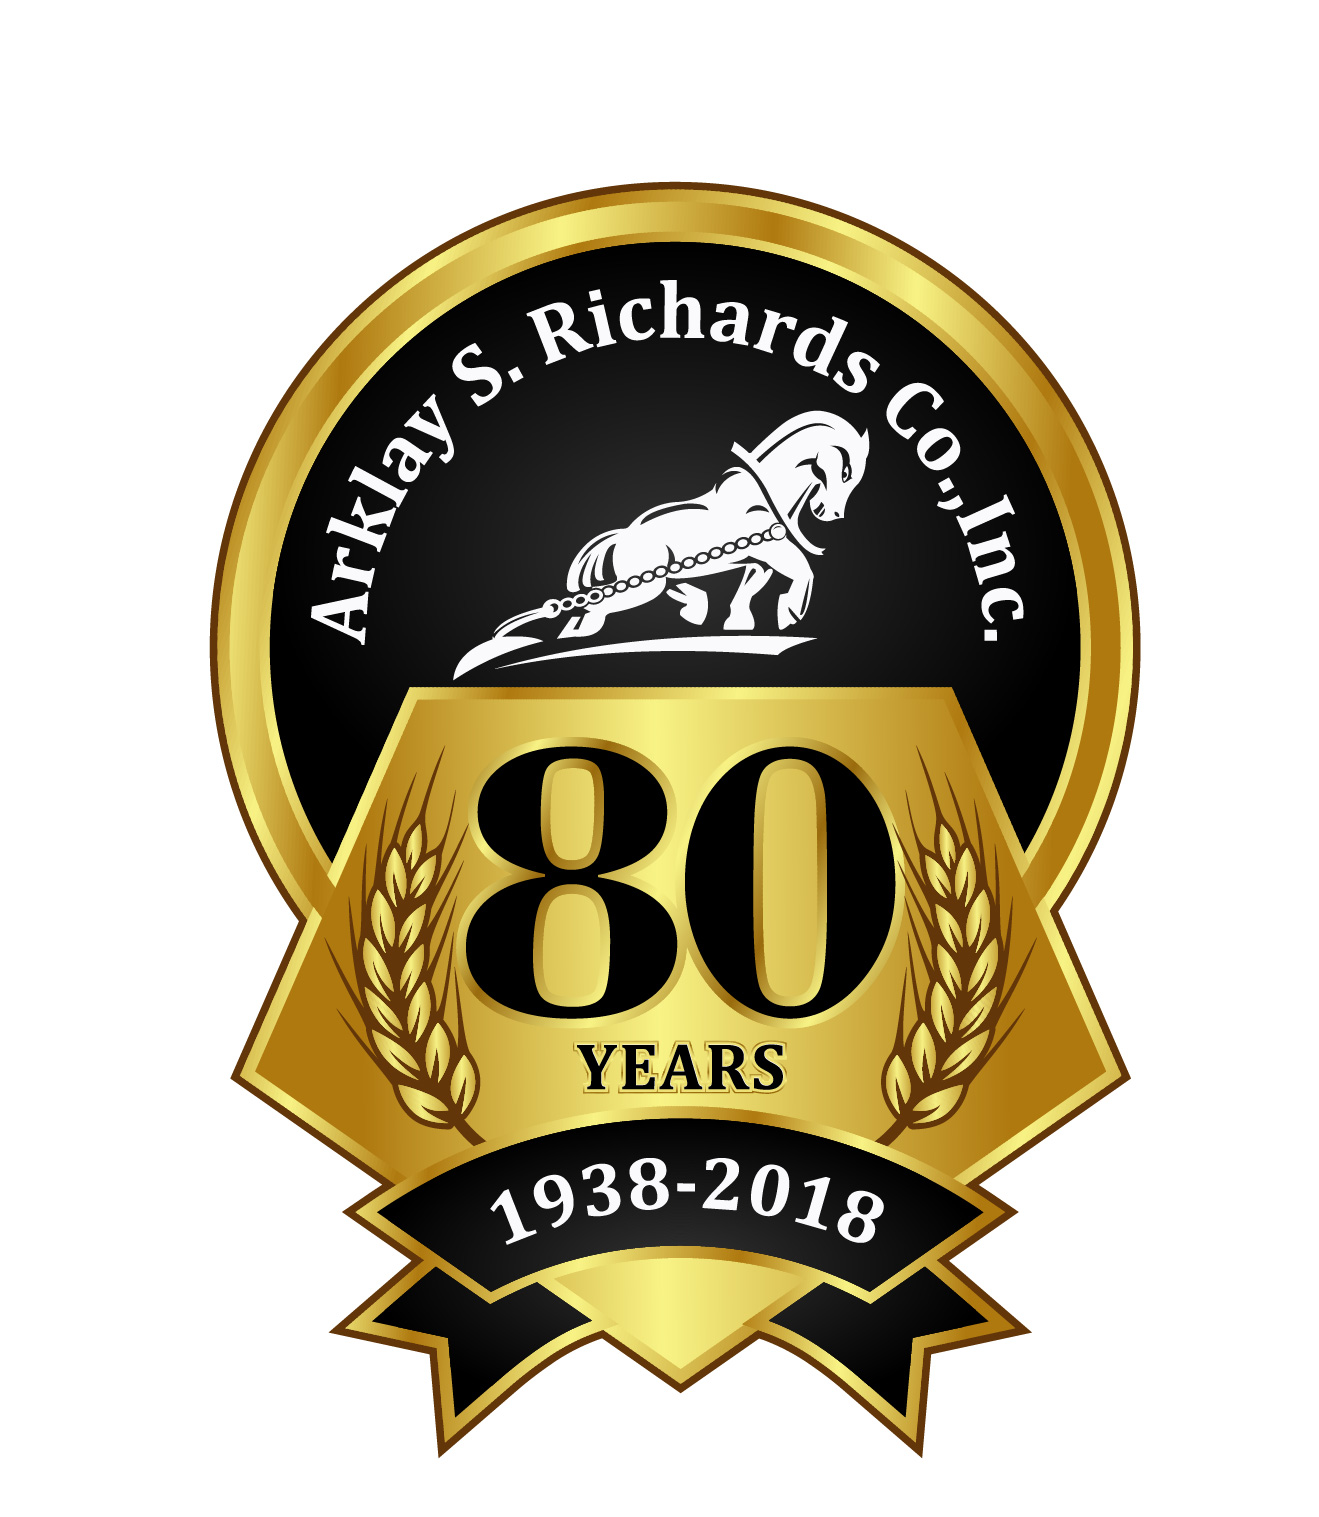 Richards 80 Years